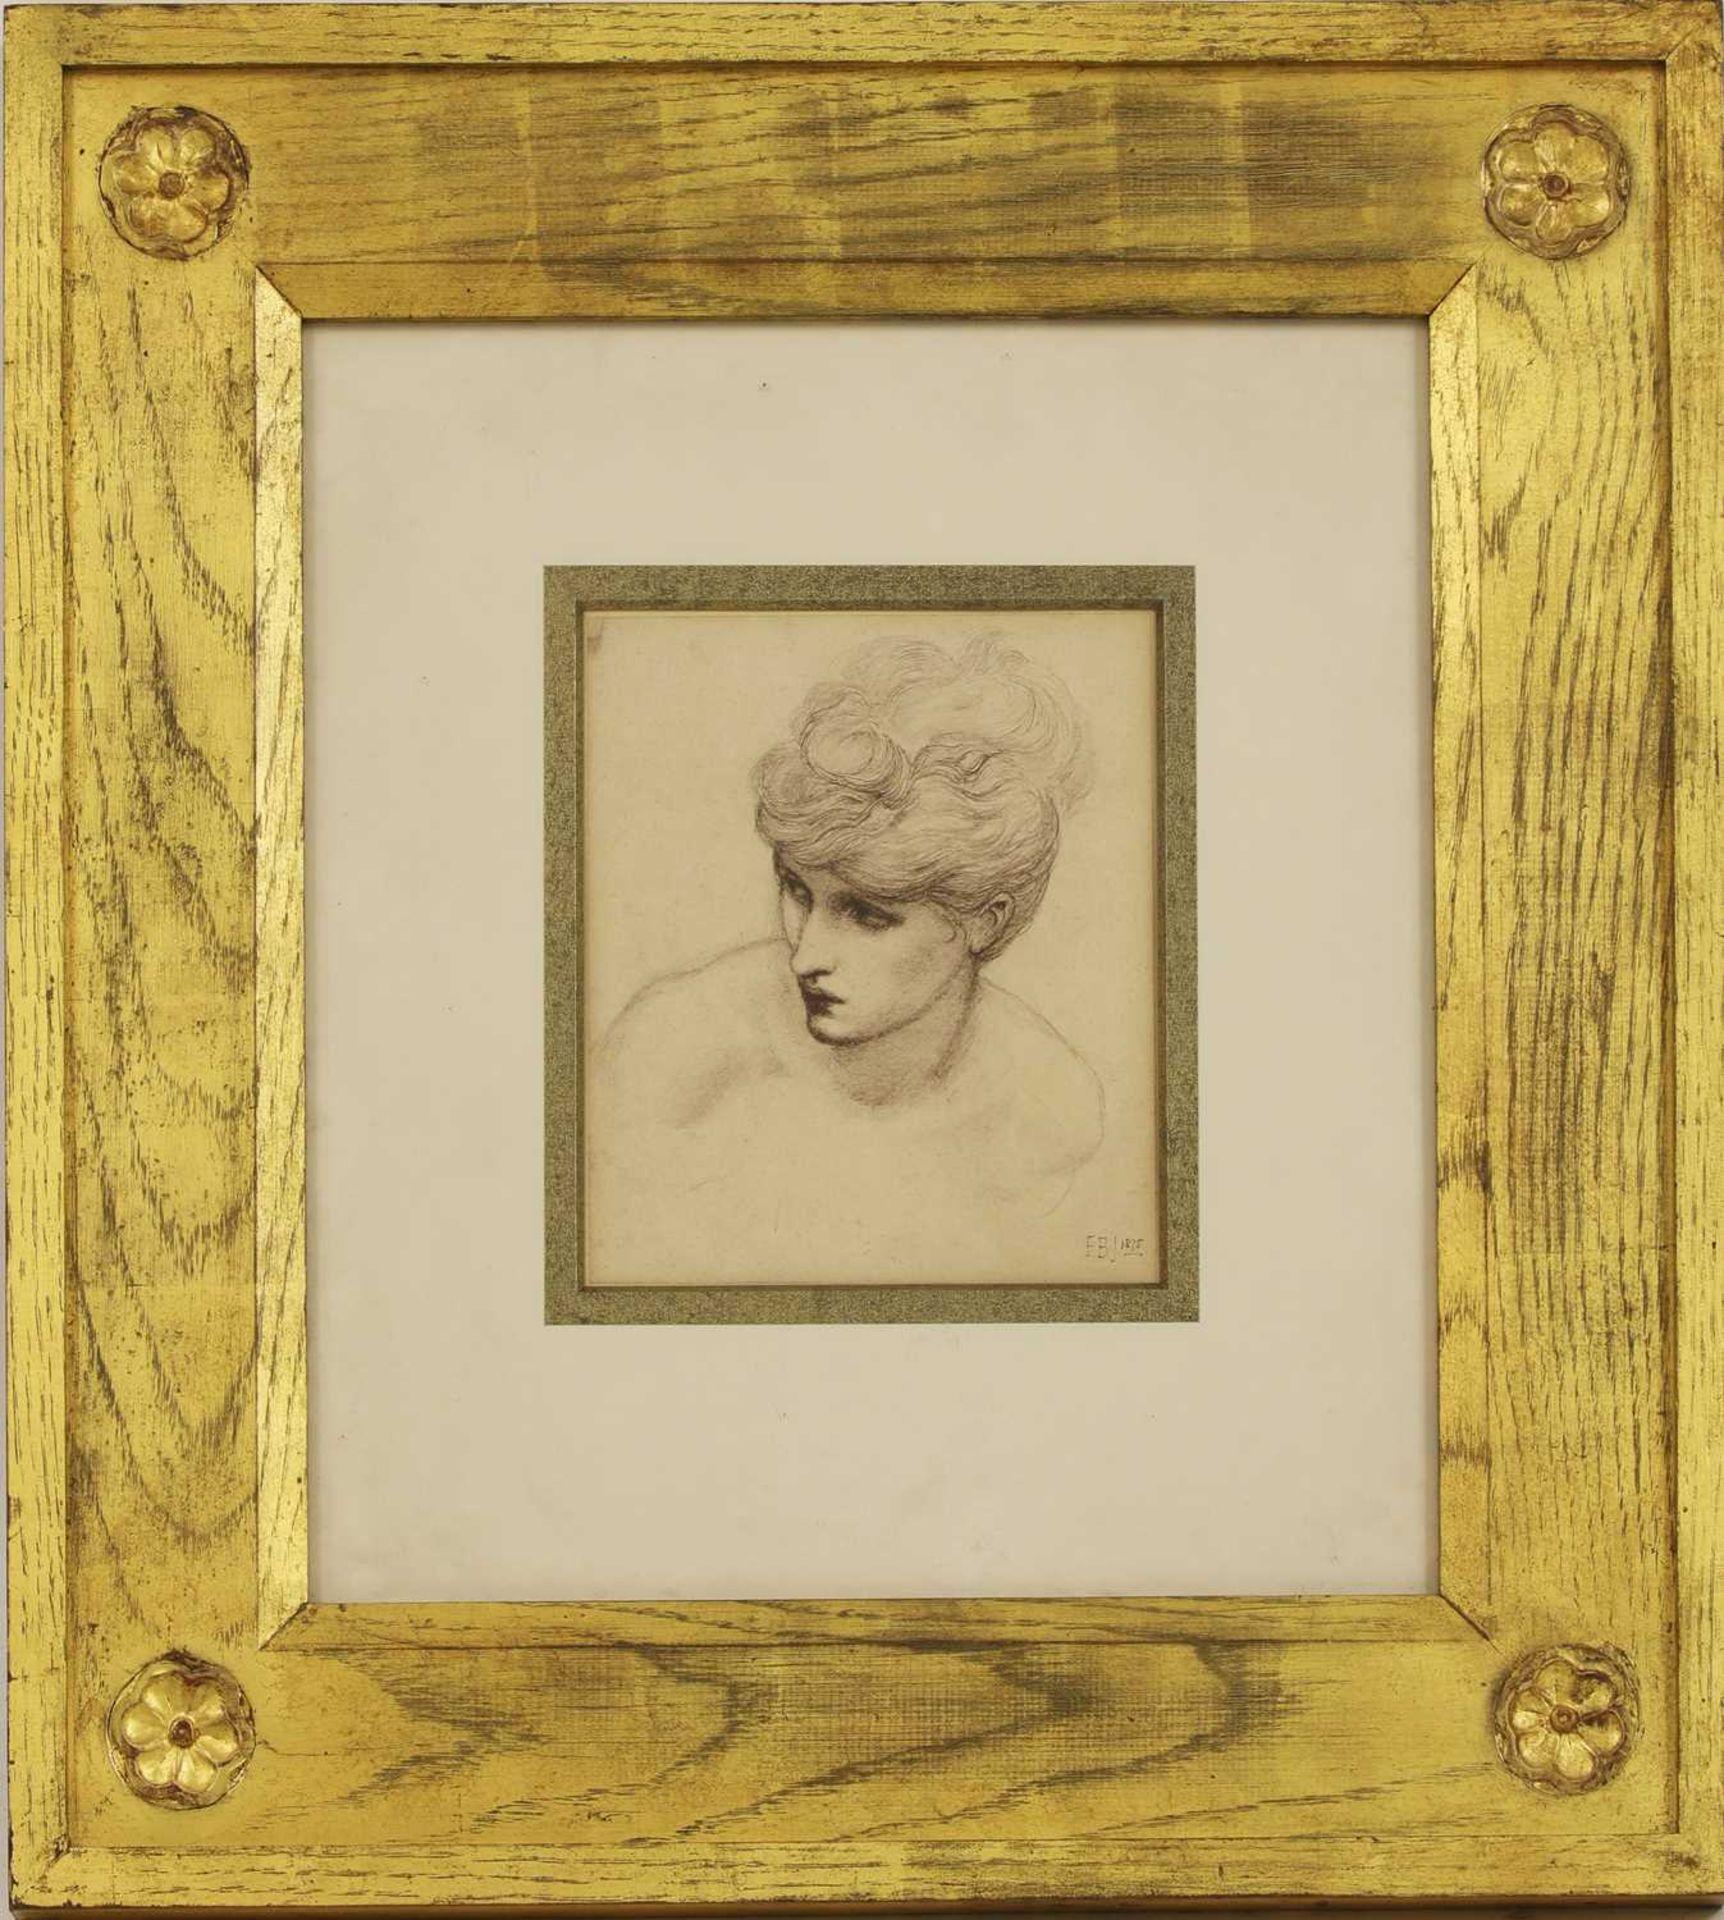 After Edward Coley Burne-Jones (1833-1898)